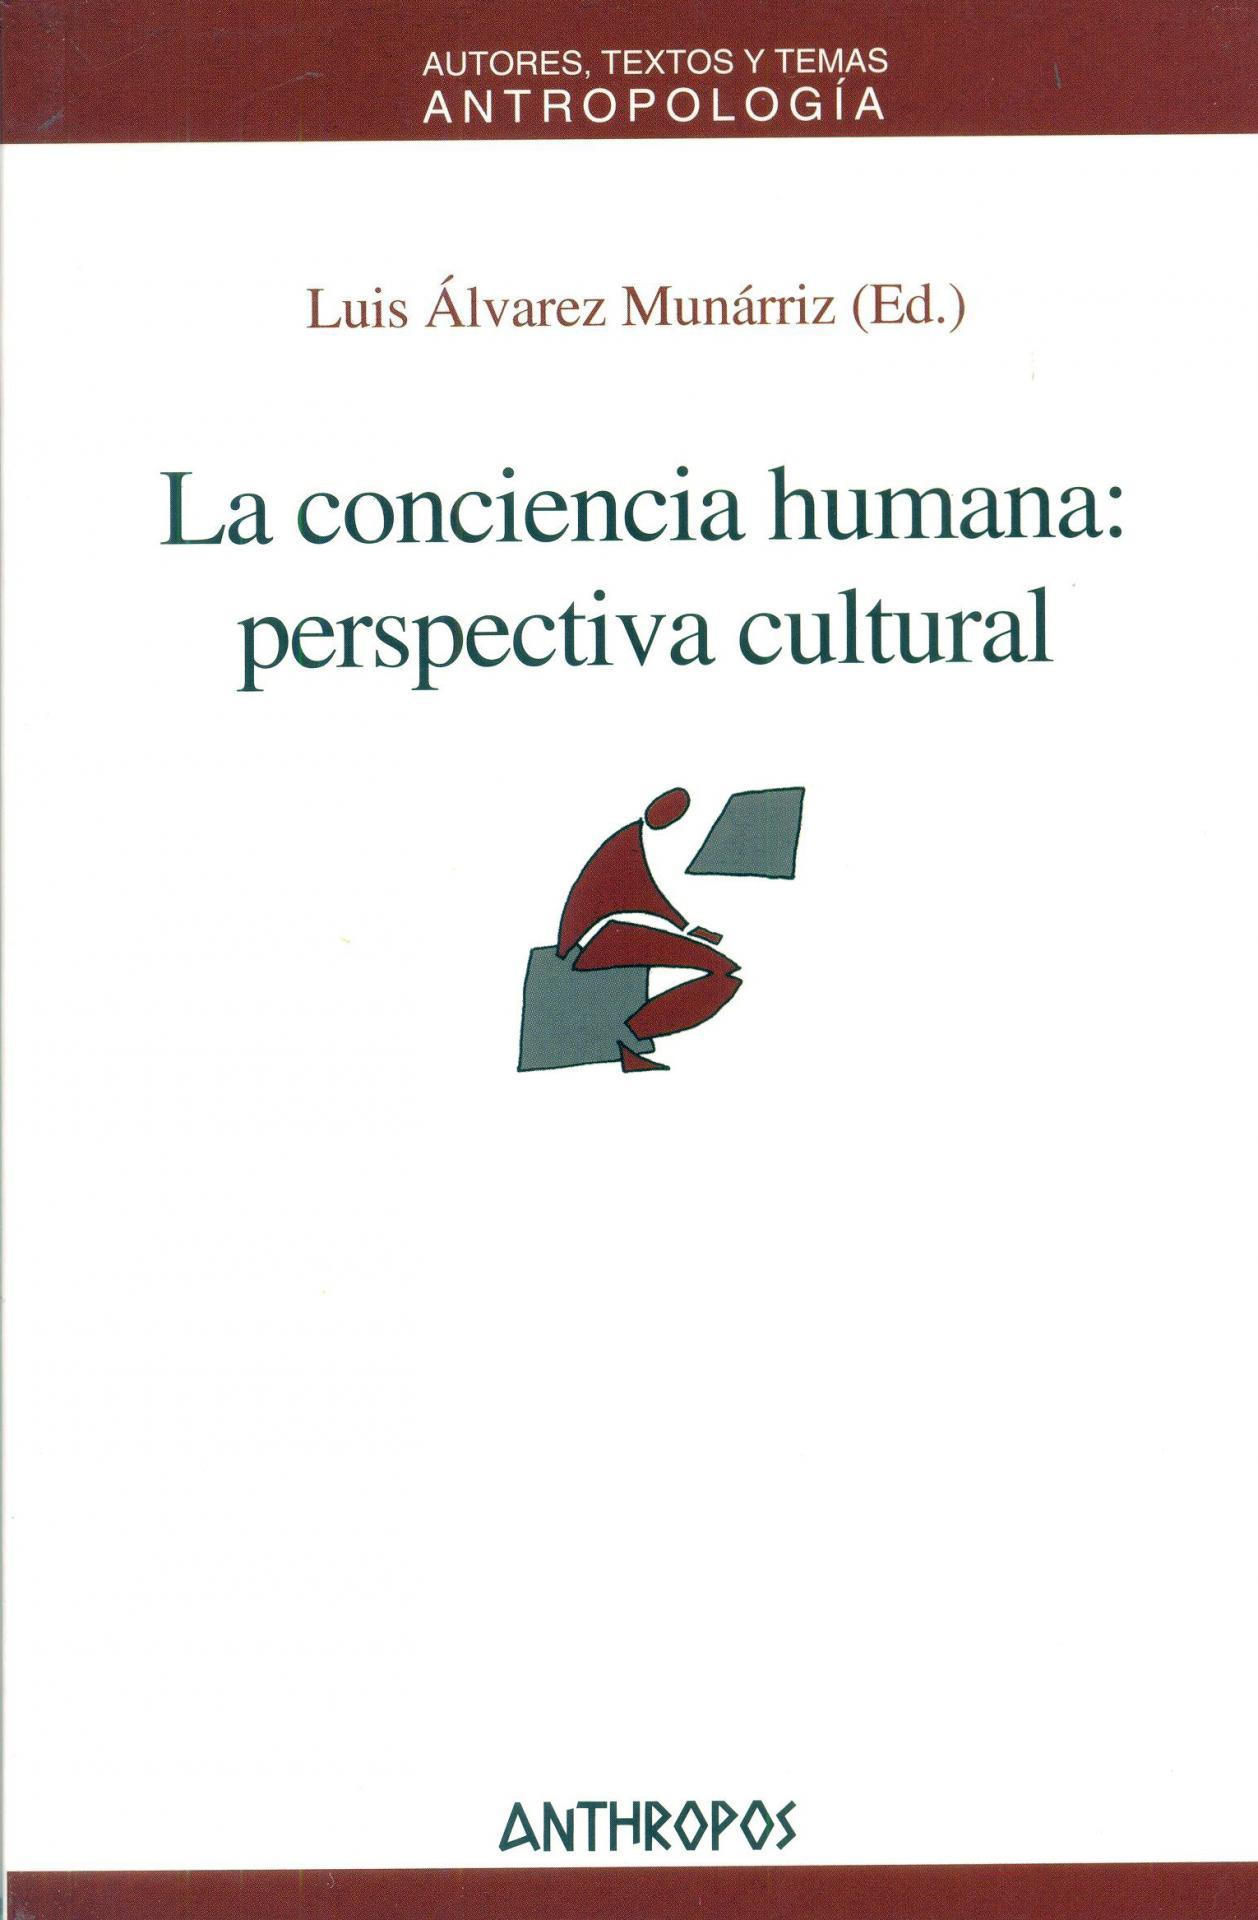 LA CONCIENCIA HUMANA: perspectiva cultural. Álvarez Munárriz, L.